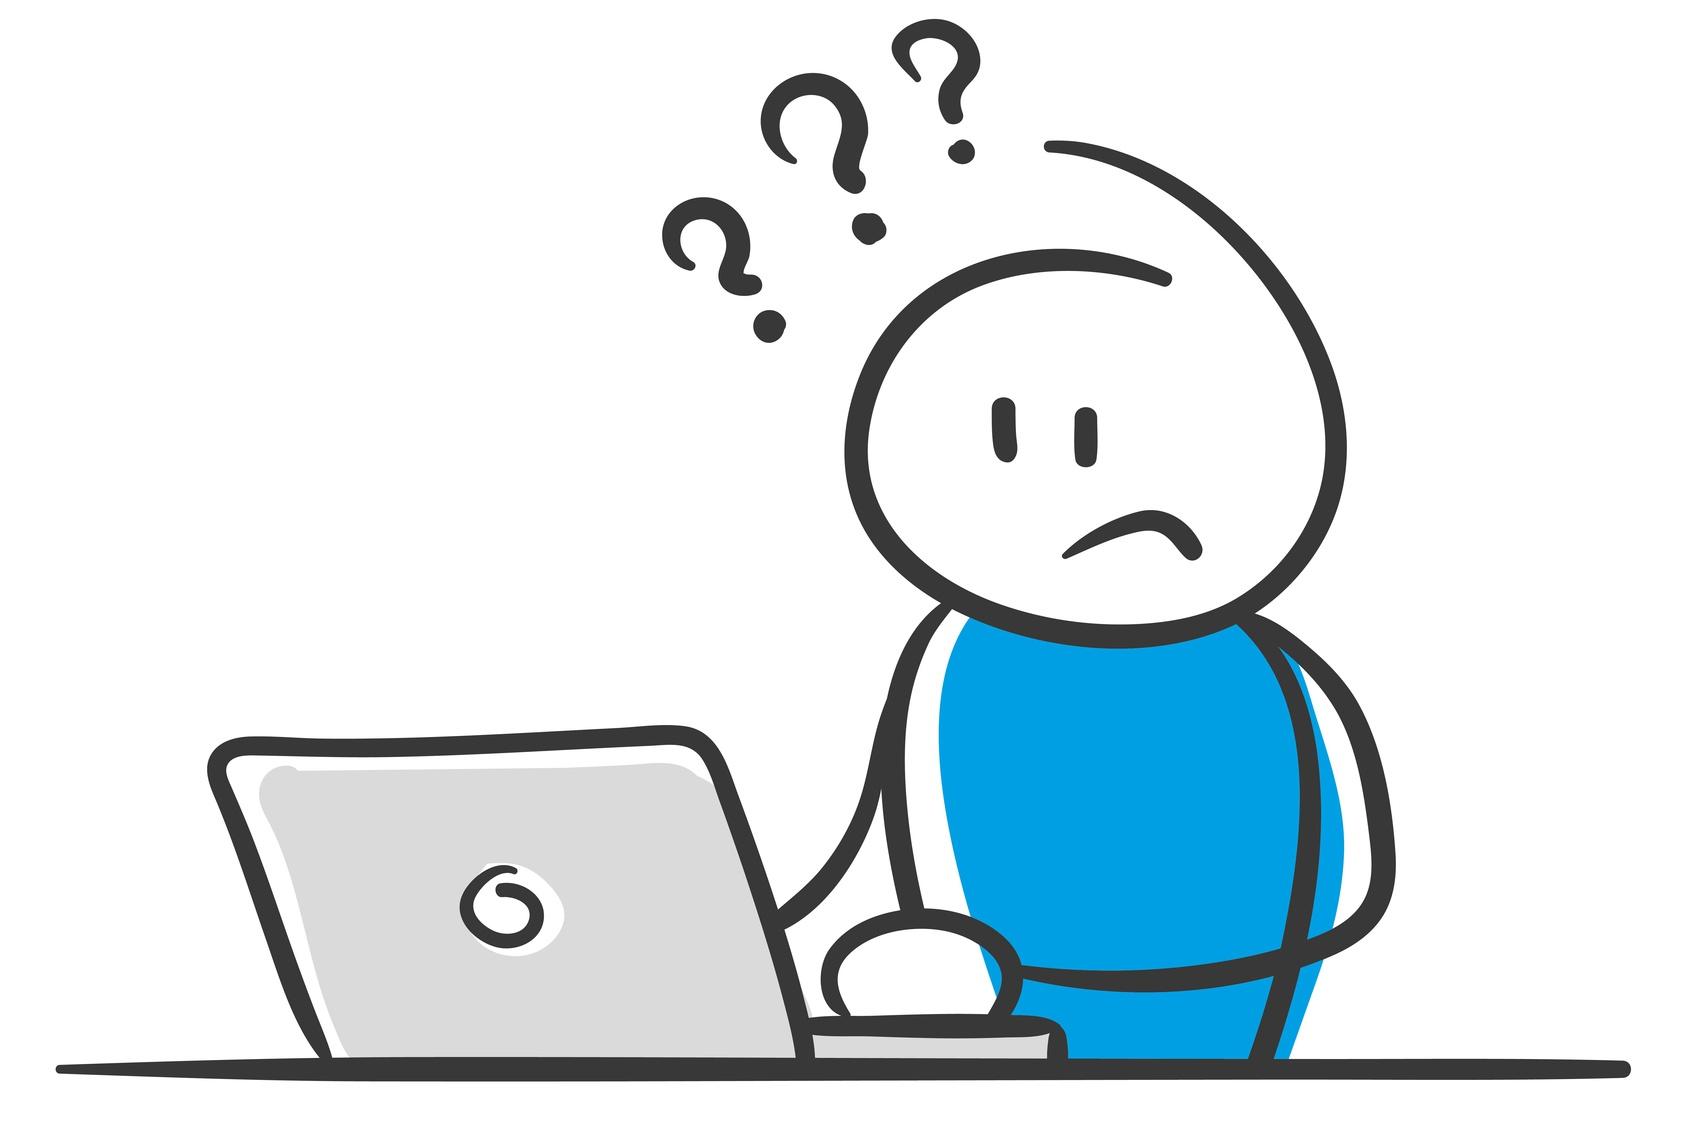 Internetkurs   Digitale Medien   PC   Laptop   Computer   Verwirrt